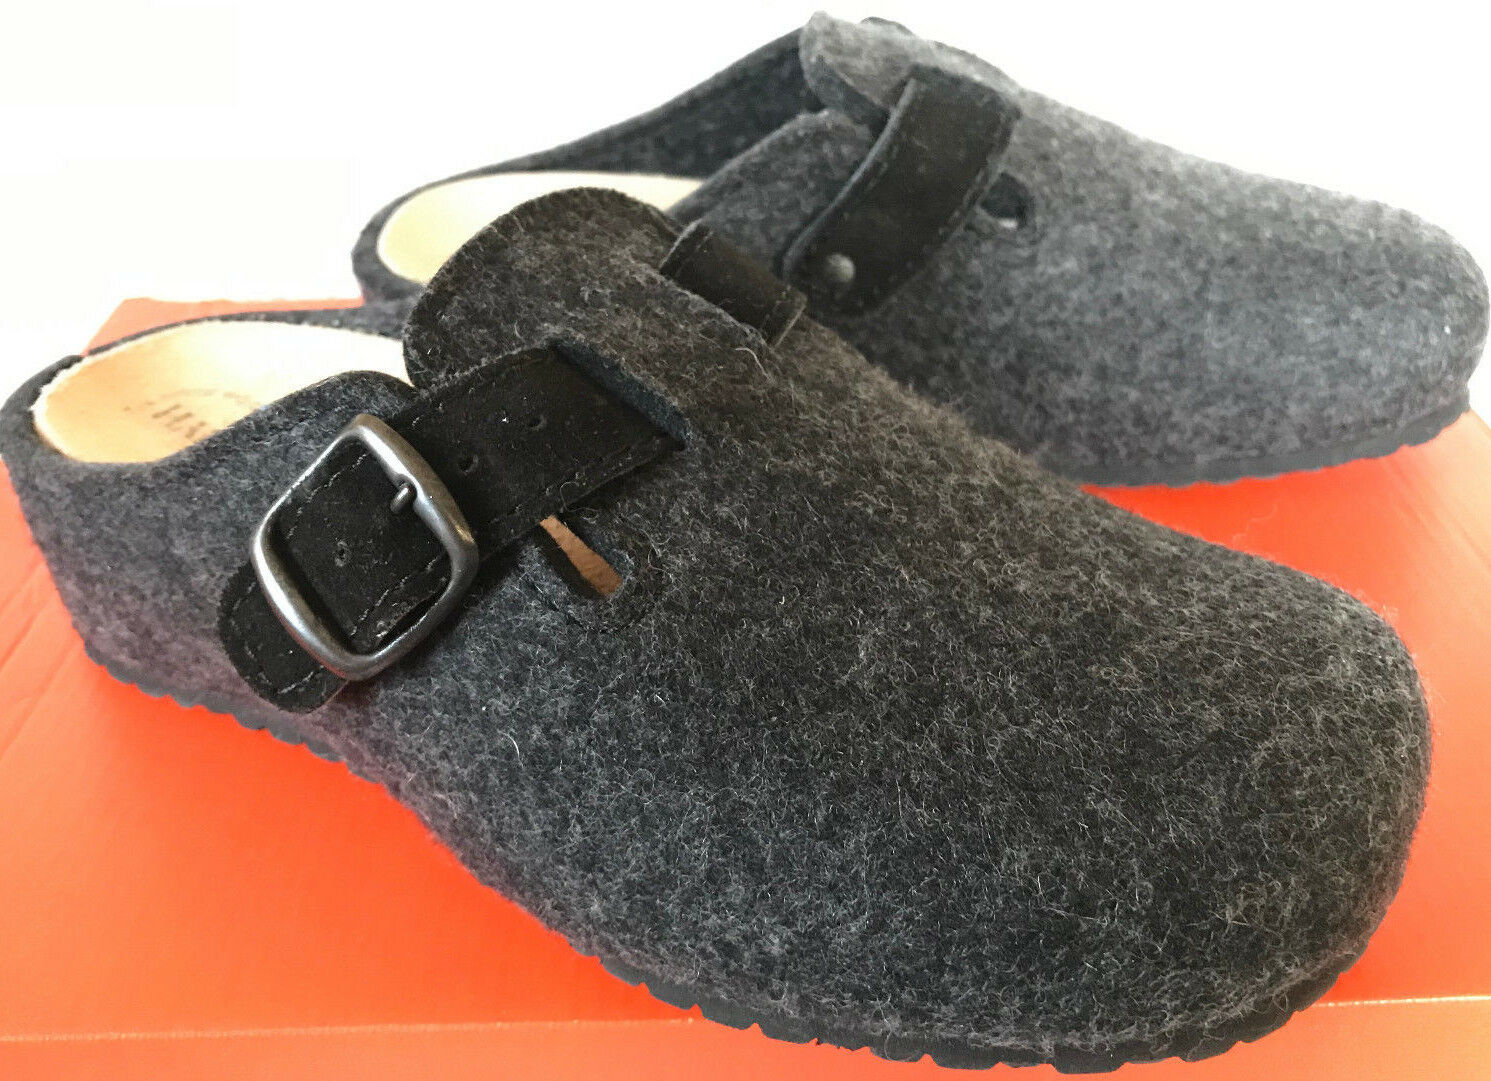 bb9fd34b Haflinger Hebilla obstruir Grizzly de Lana Slip-on diapositivas Zuecos  Zapatos para mujer 7.5 Berta npizei2926-Zapatos confort